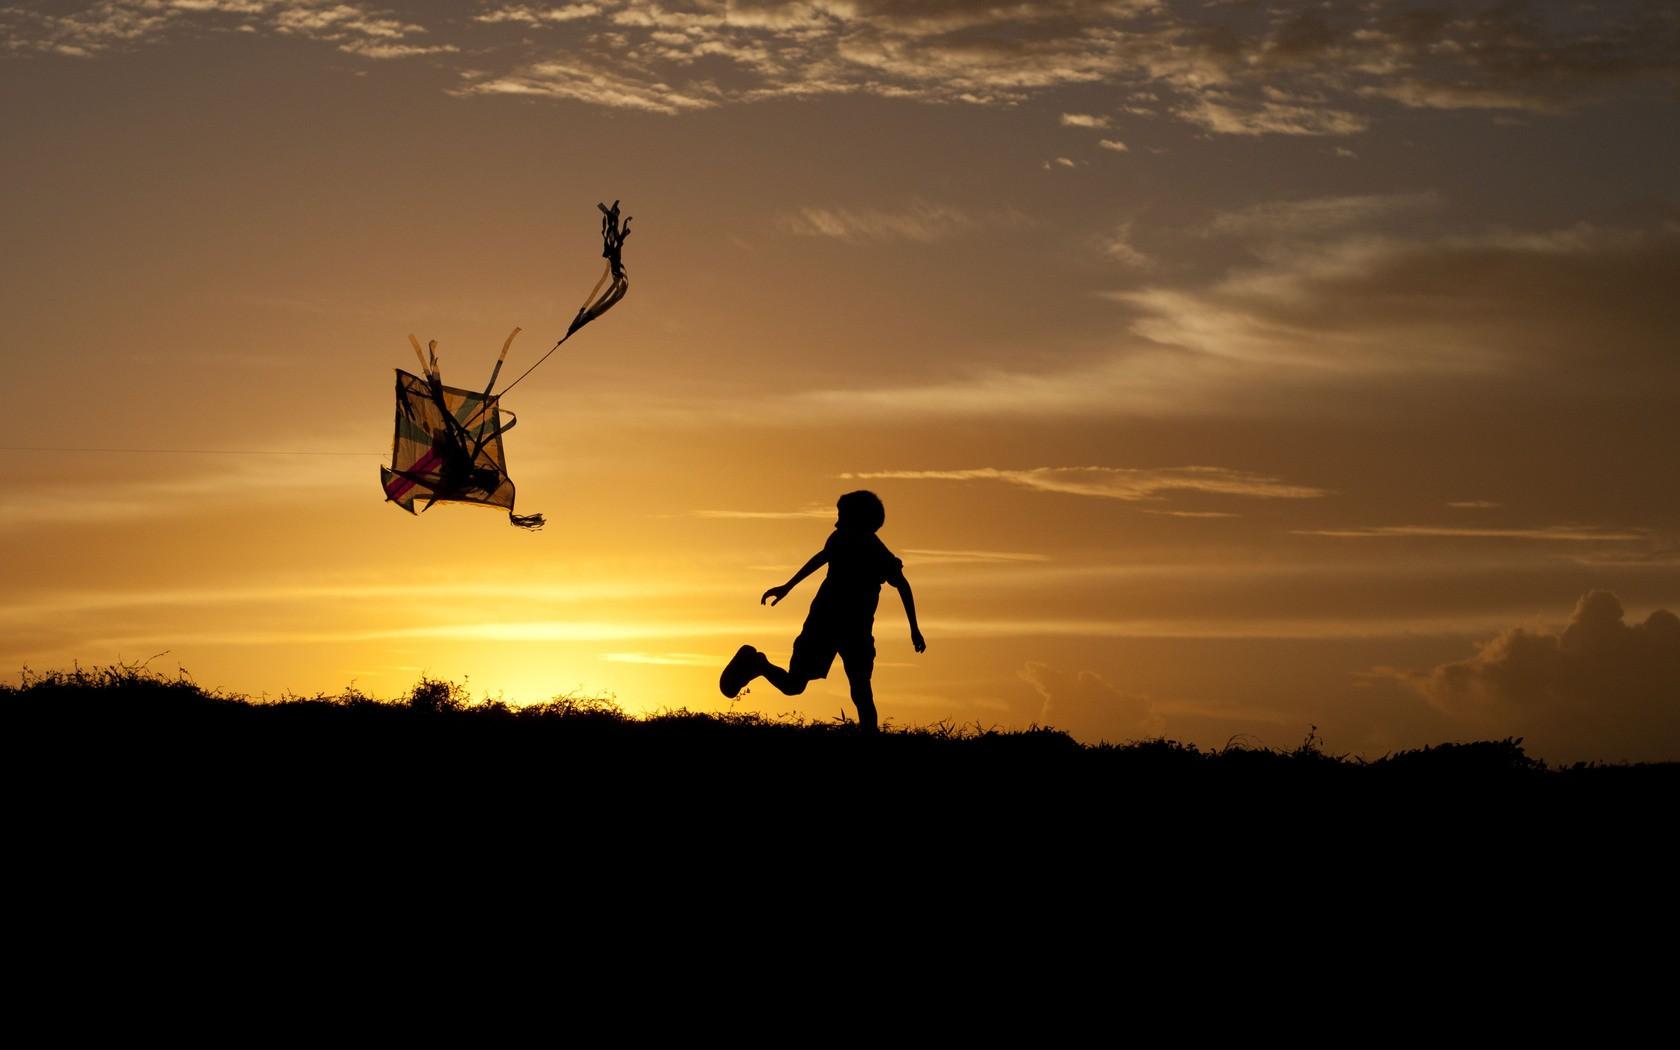 Un niño y una cometa - 1680x1050